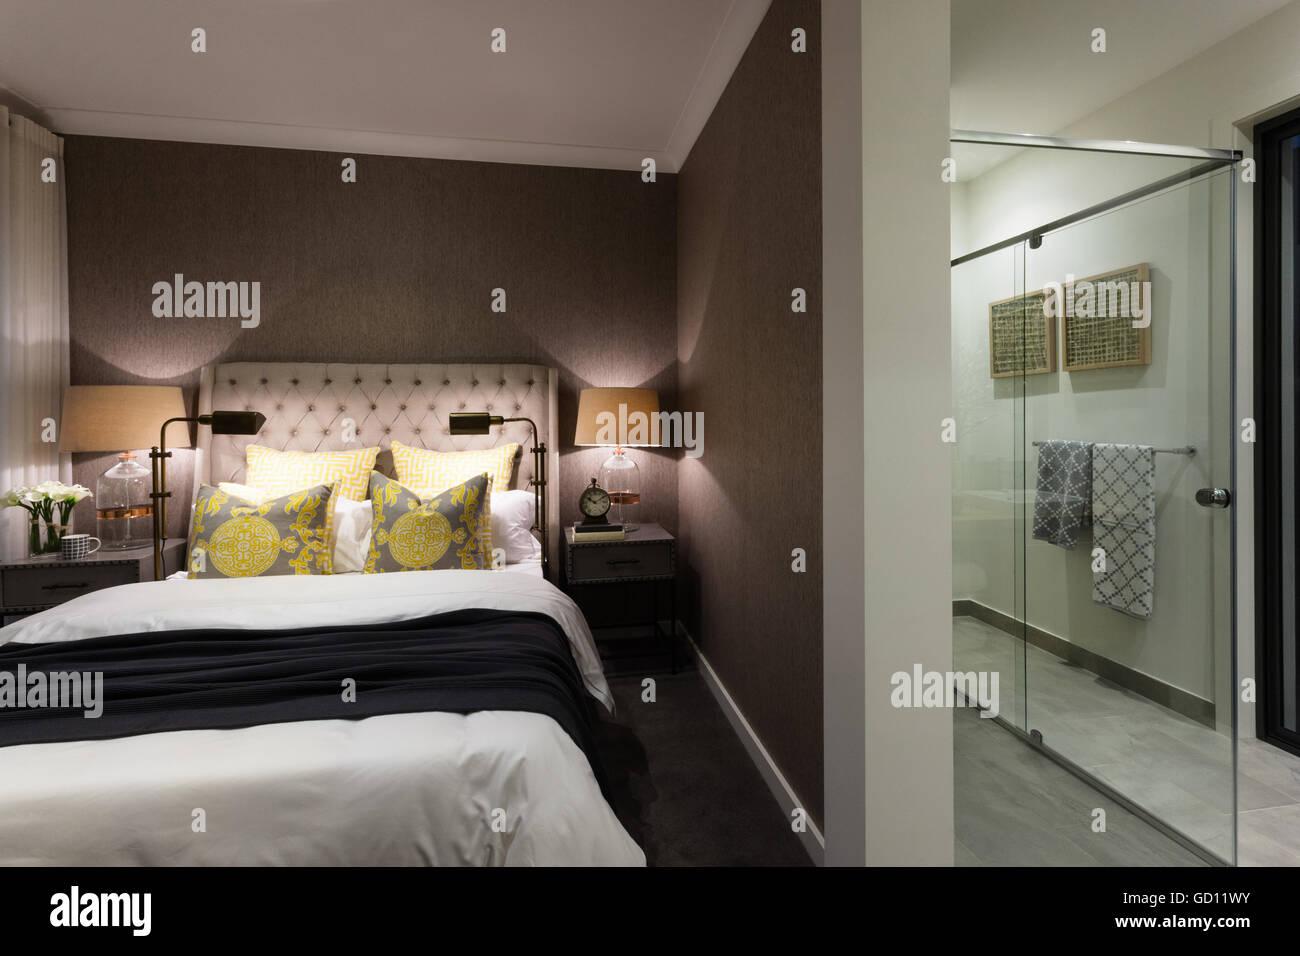 Bagno In Camera Con Vetrata : Camera moderna di una casa o di hotel attaccato ad un bagno doccia